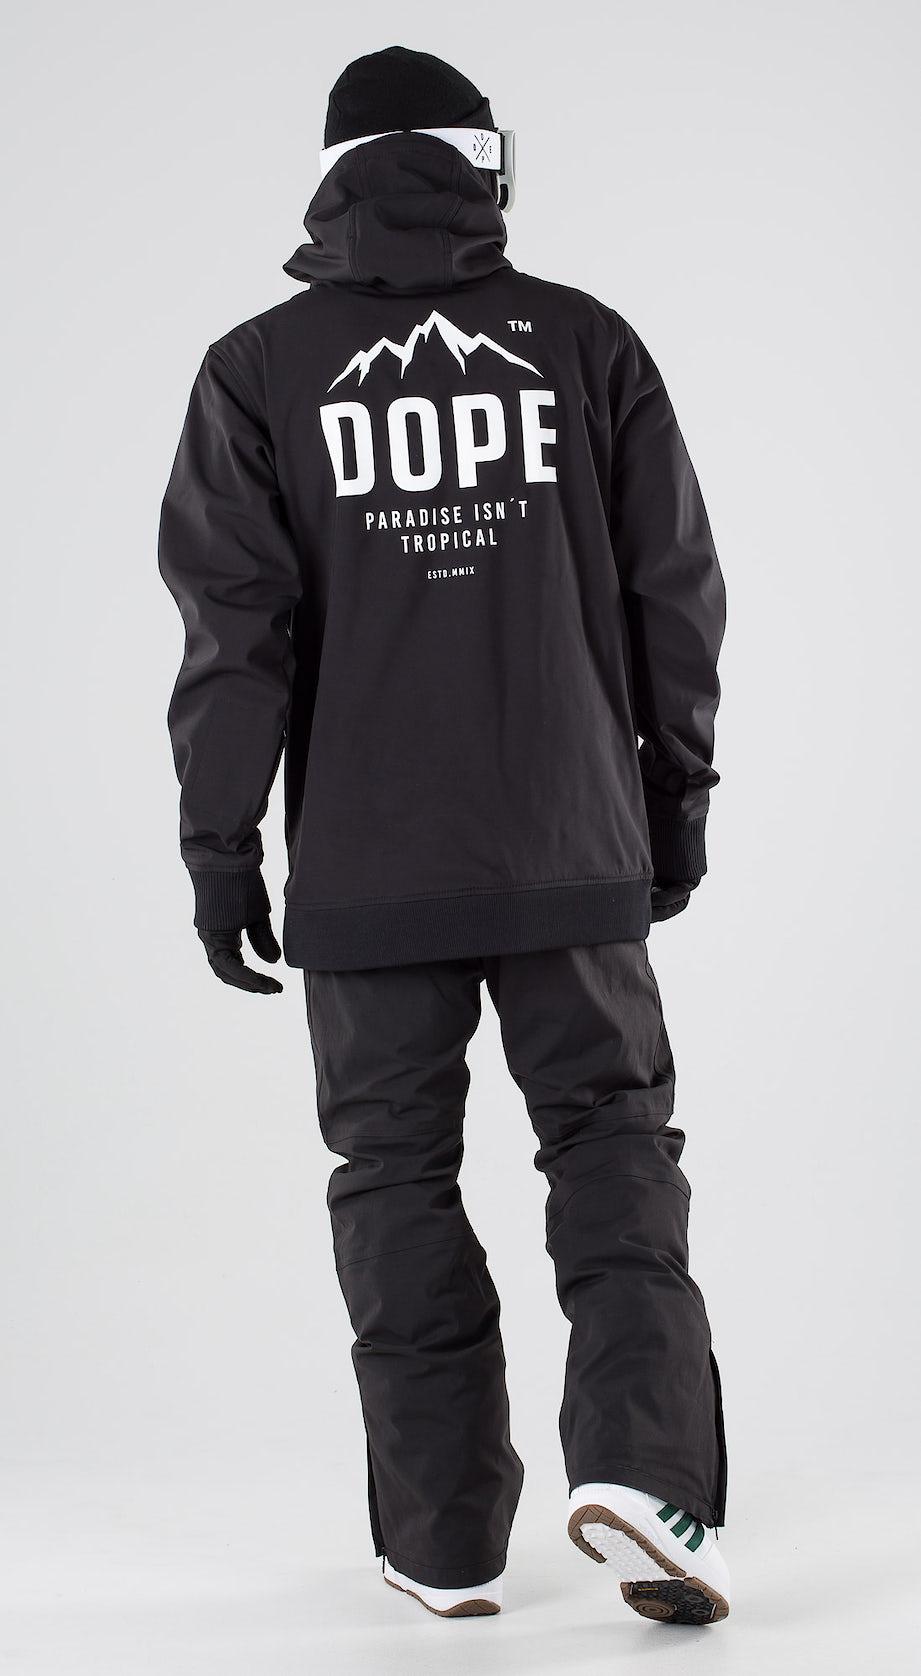 Dope Yeti Paradise II Black Snowboard clothing Multi